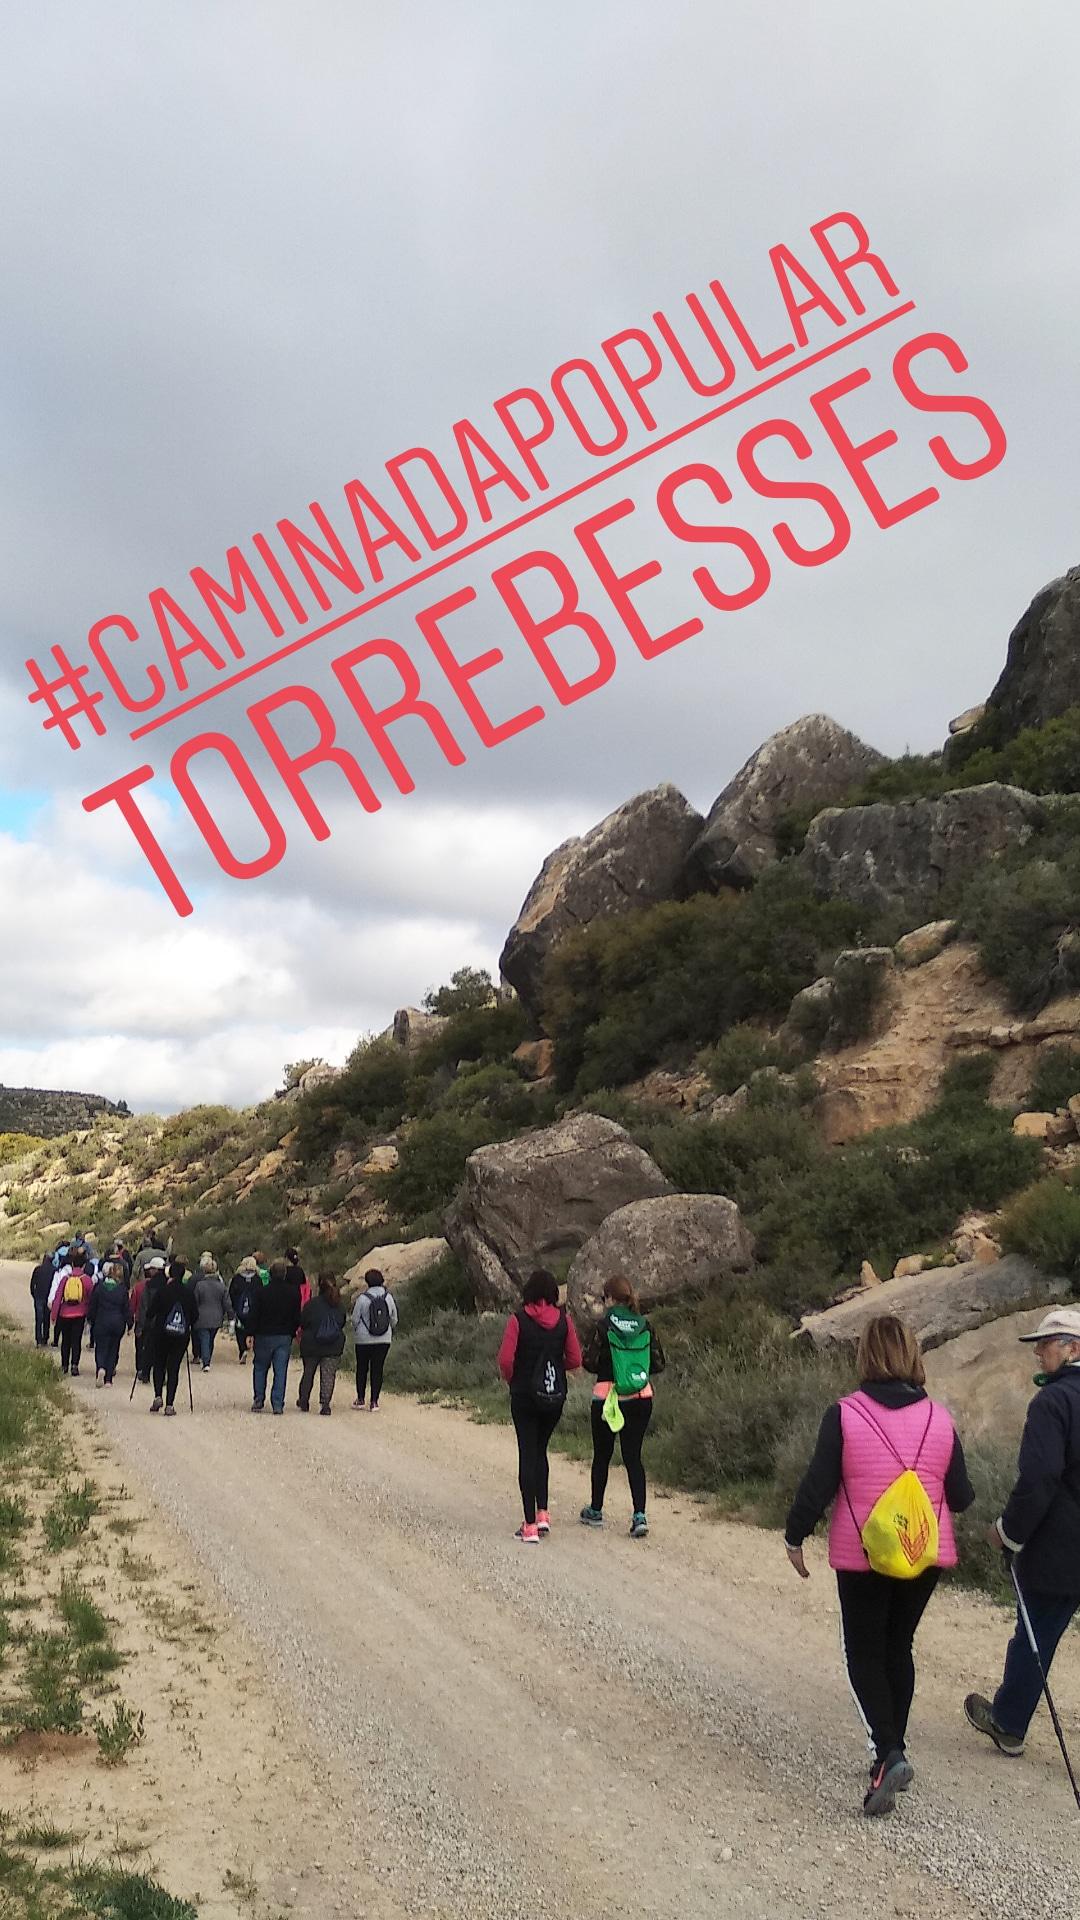 Caminada popular de Torrebesses 2019 @ Centre d'Interpretació de la Pedra Seca